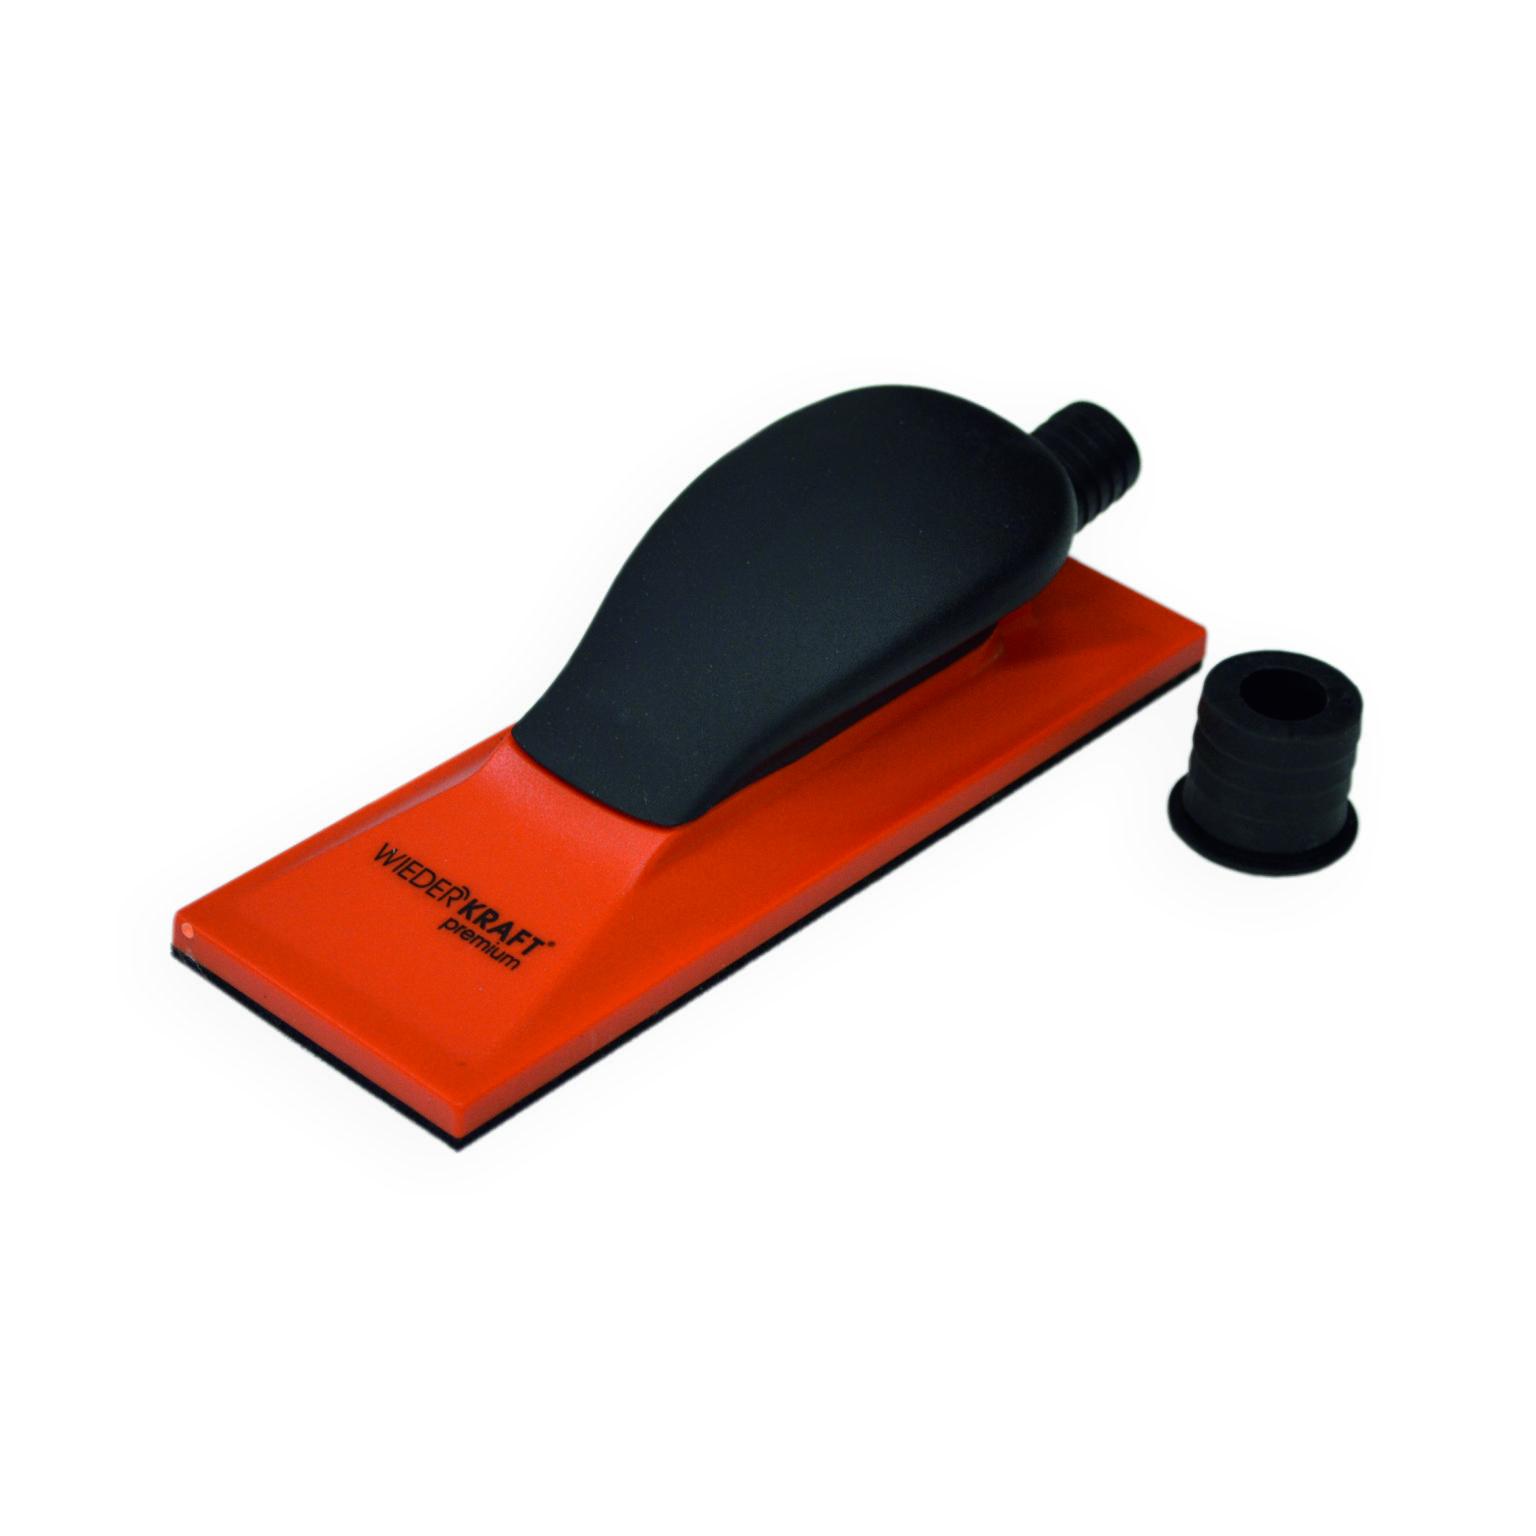 Блок шлифовальный WiederkraftОборудование для кузовного ремонта<br>Тип: блок,<br>Назначение: для работы с абразивными материалами<br>